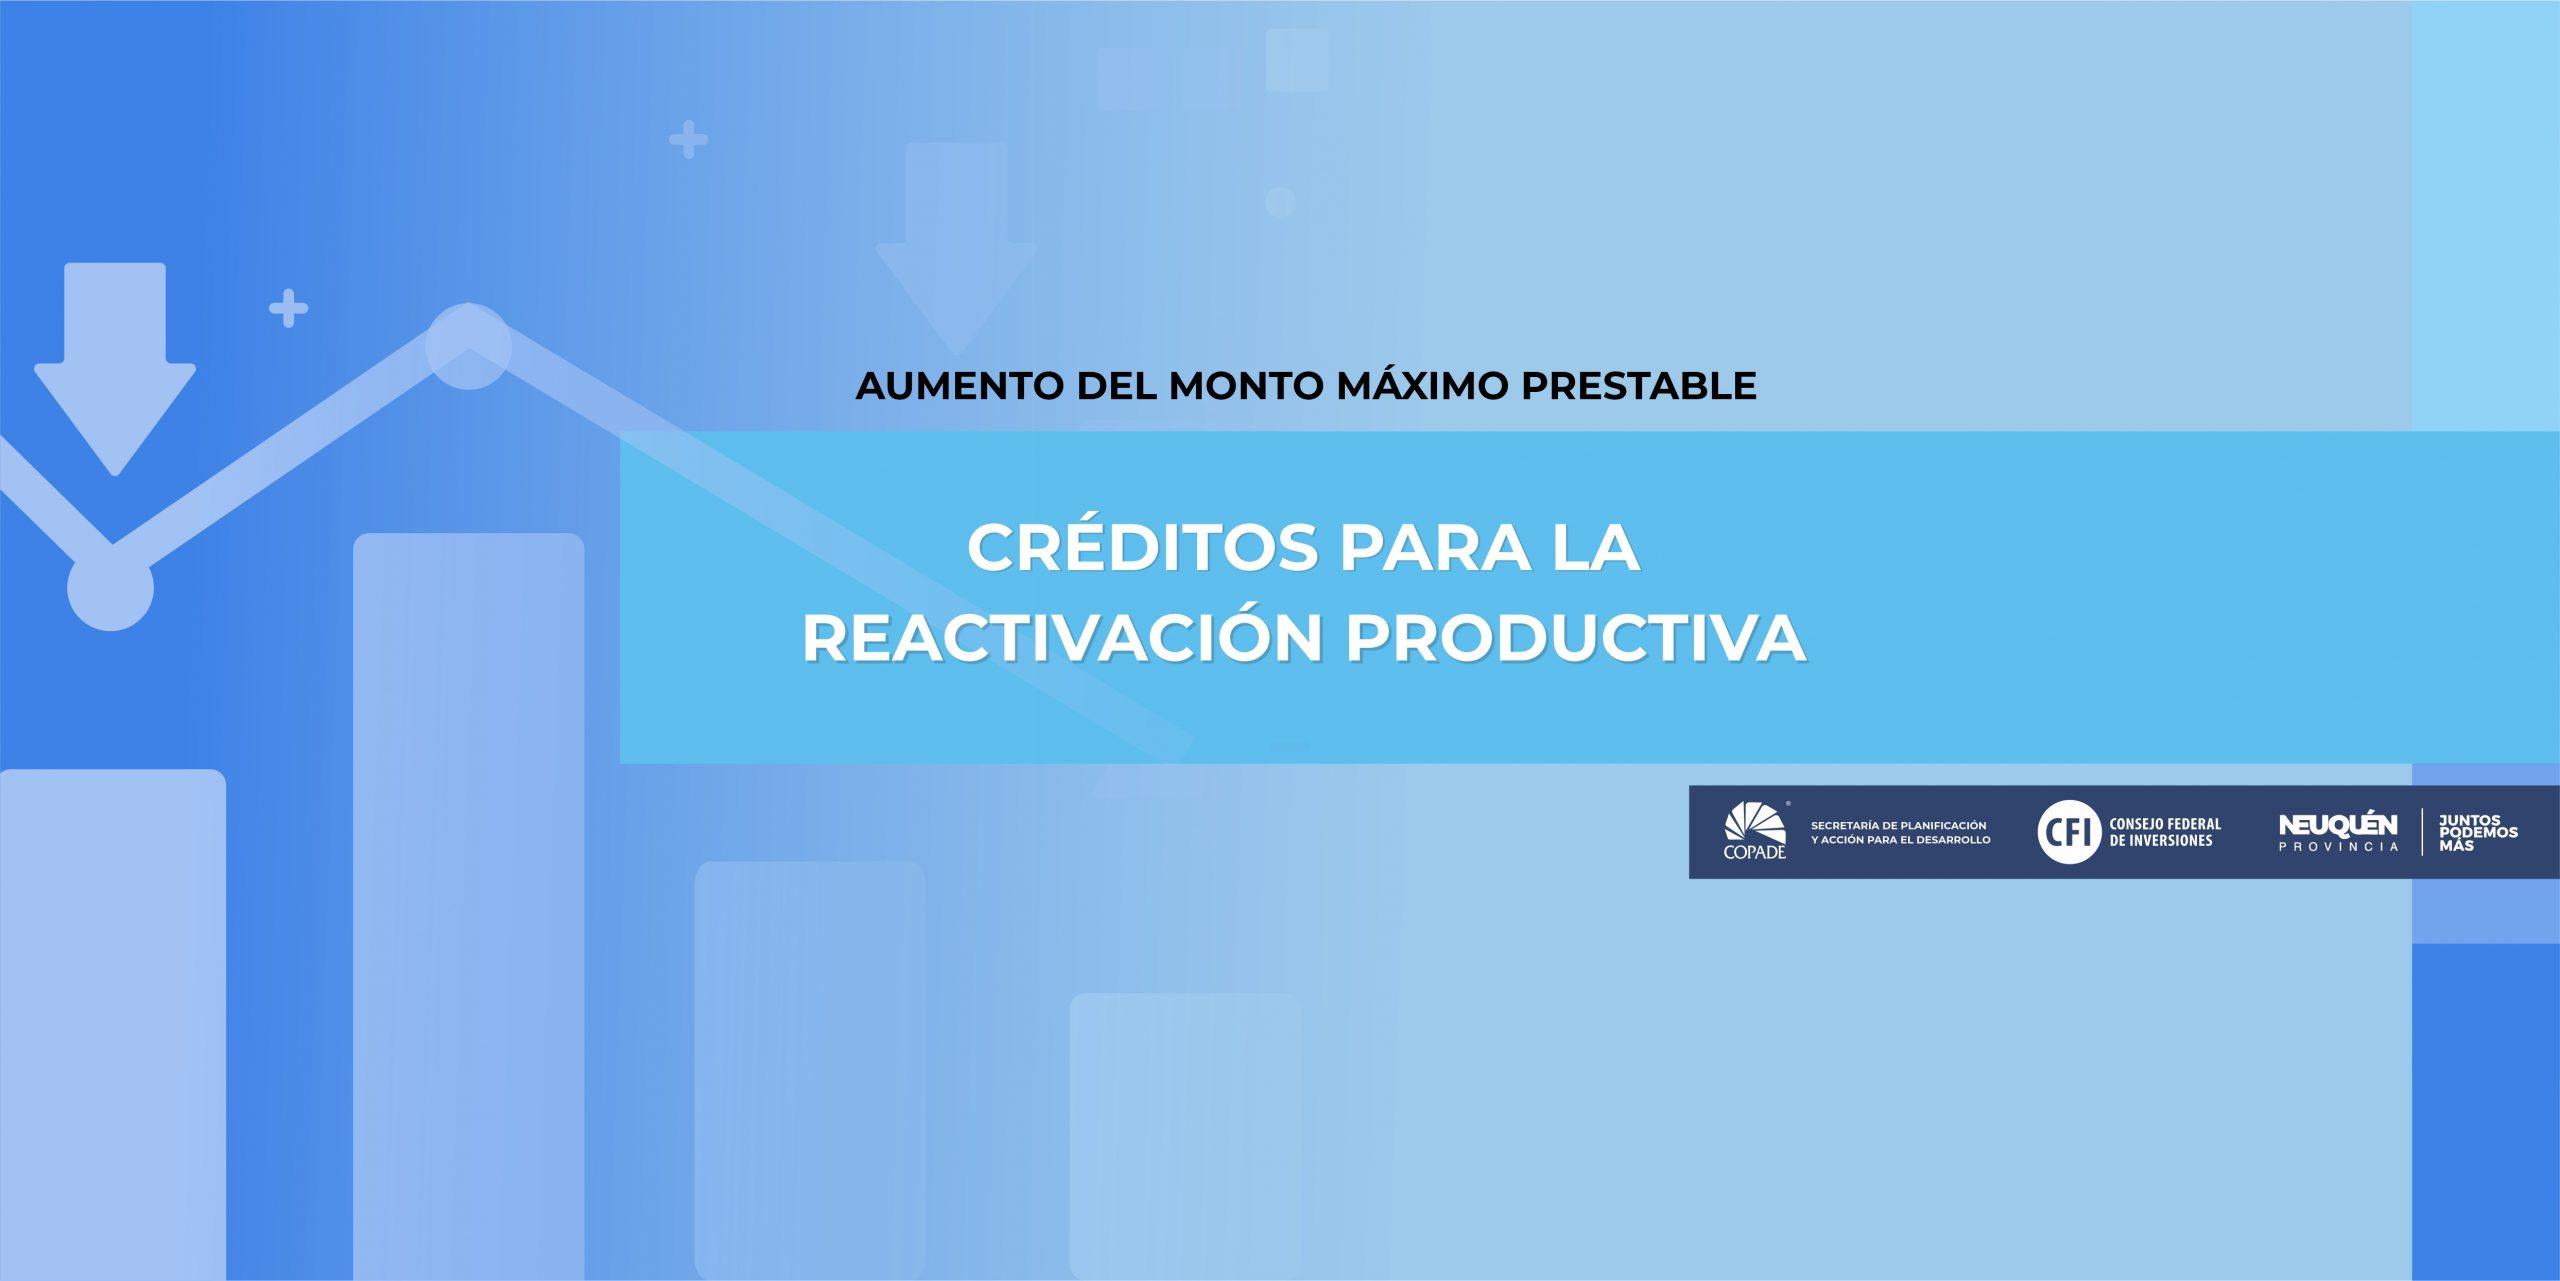 Aumento del monto máximo prestable | Créditos para la Reactivación Productiva